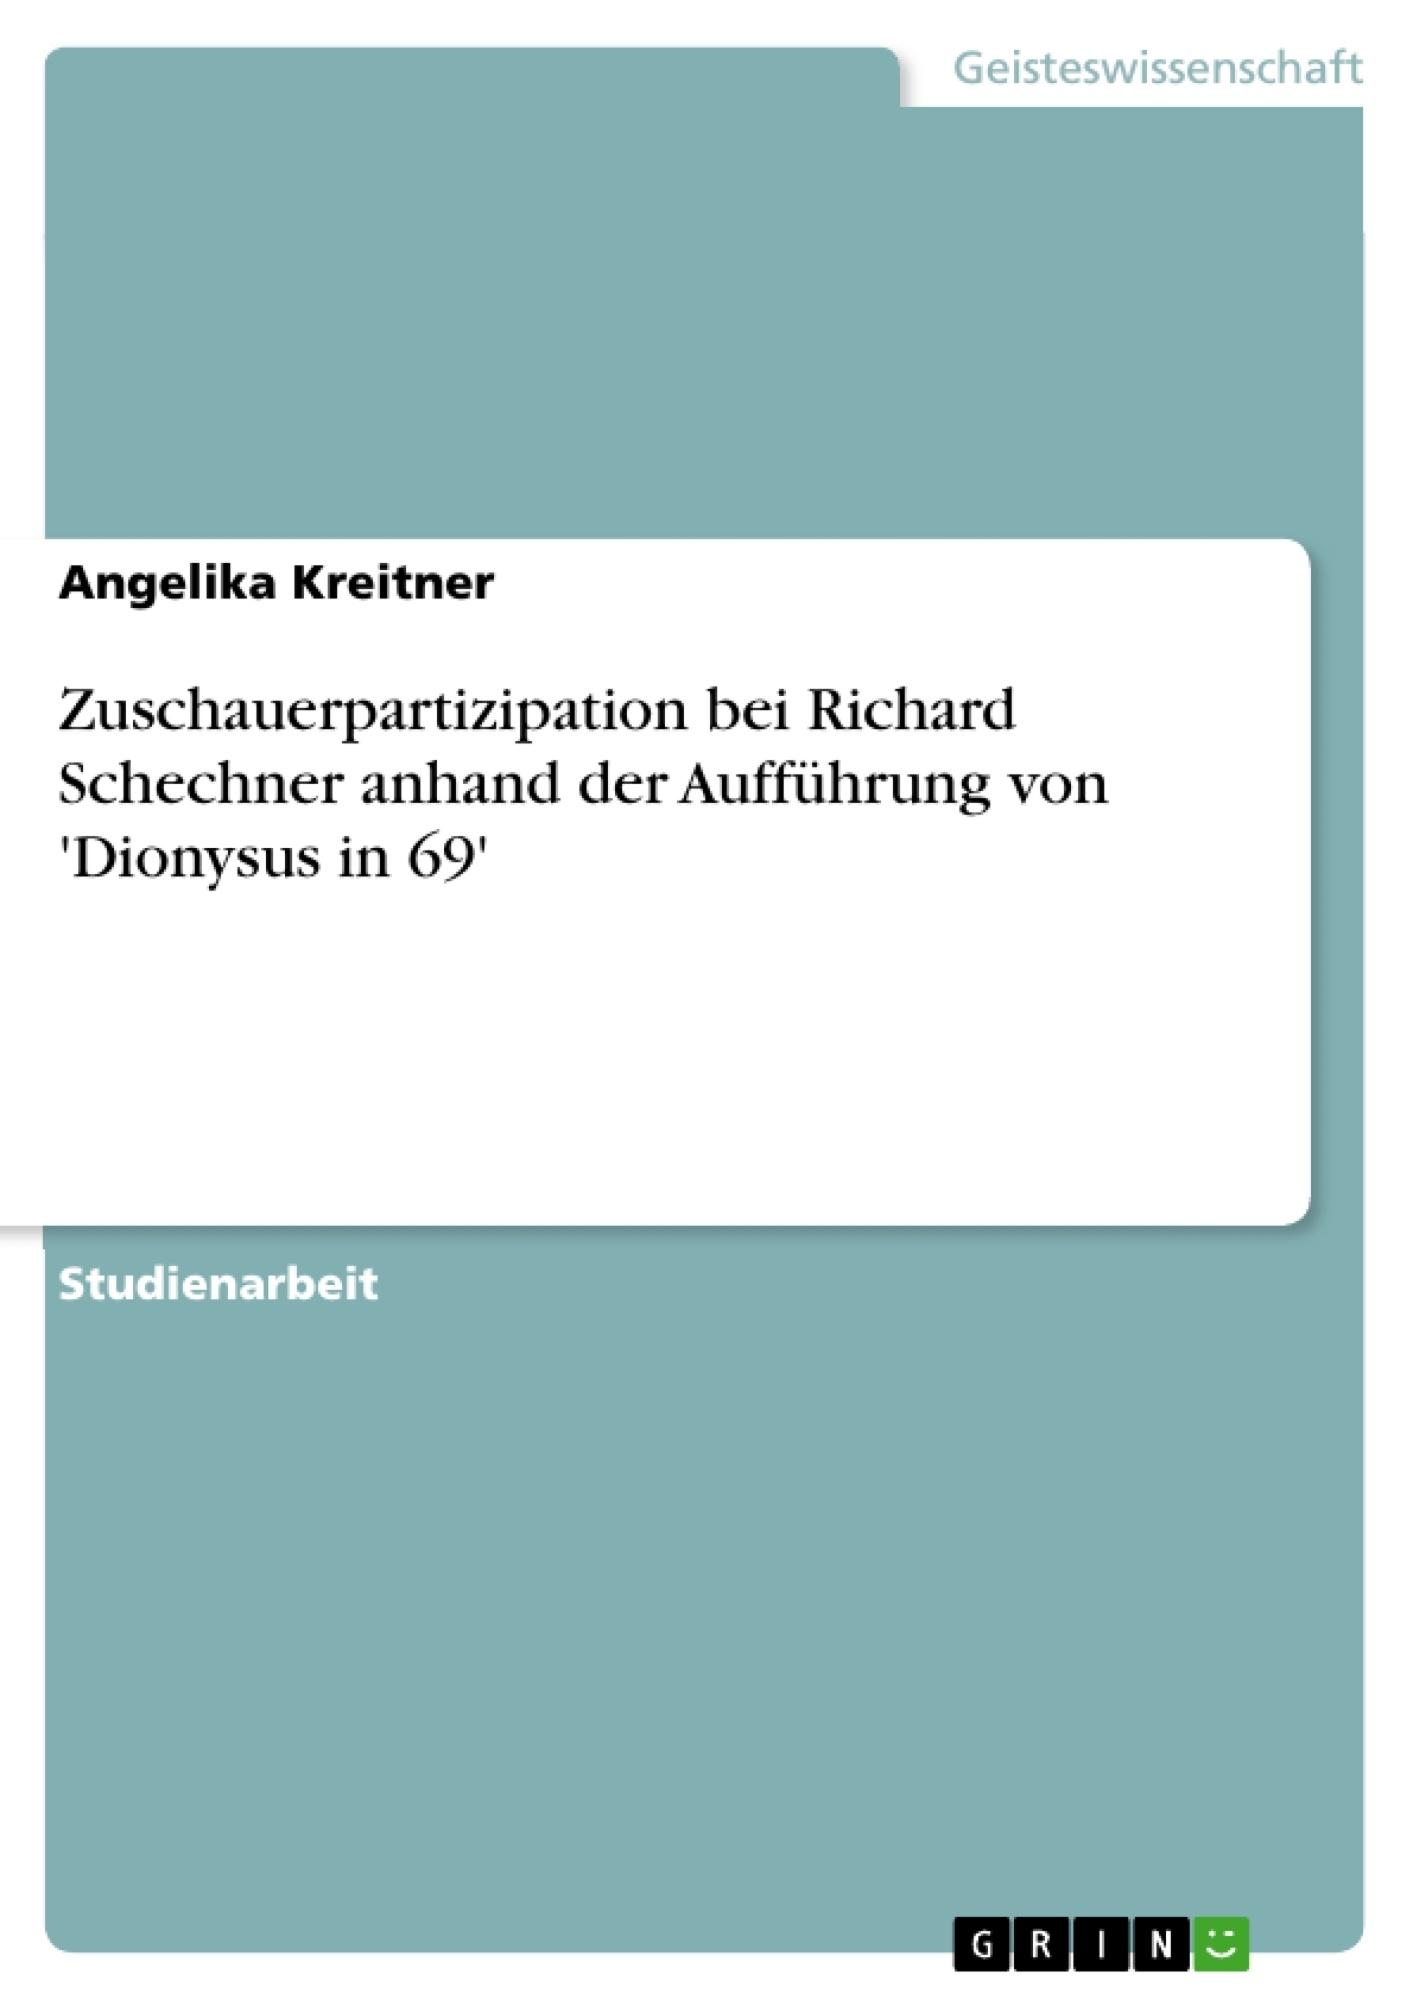 Titel: Zuschauerpartizipation bei Richard Schechner anhand der Aufführung von 'Dionysus in 69'